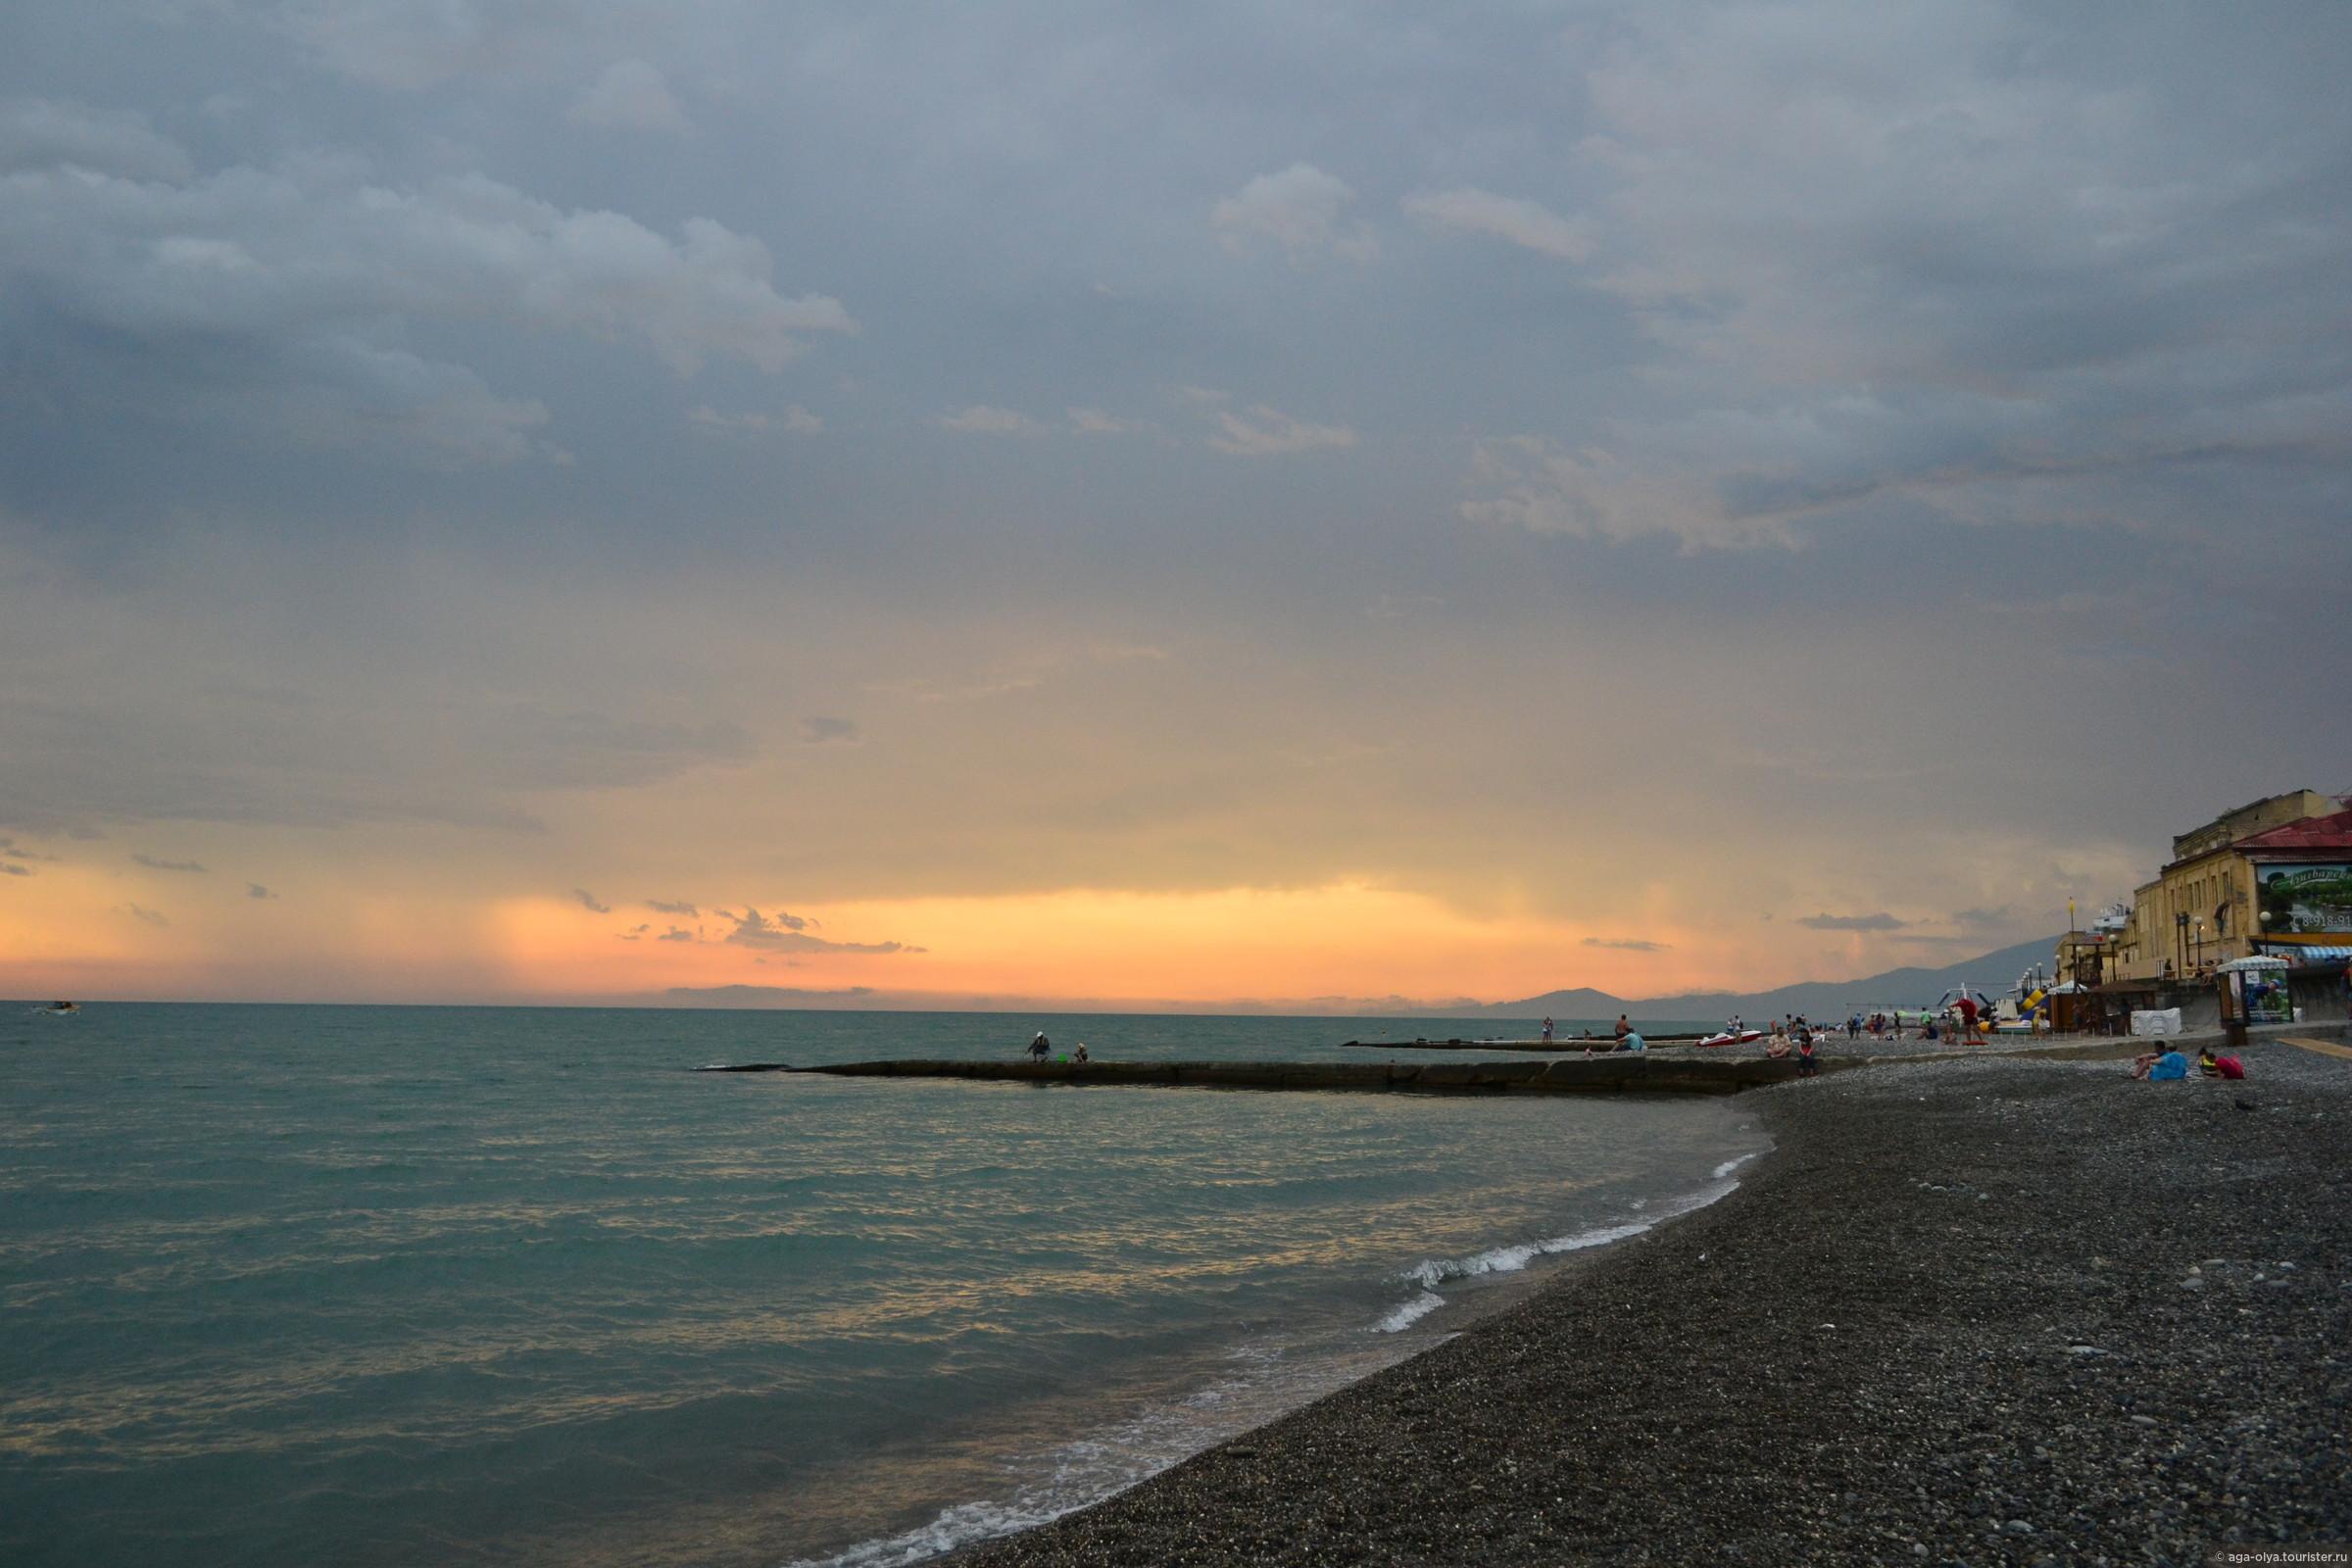 пляж адлер картинки является одним